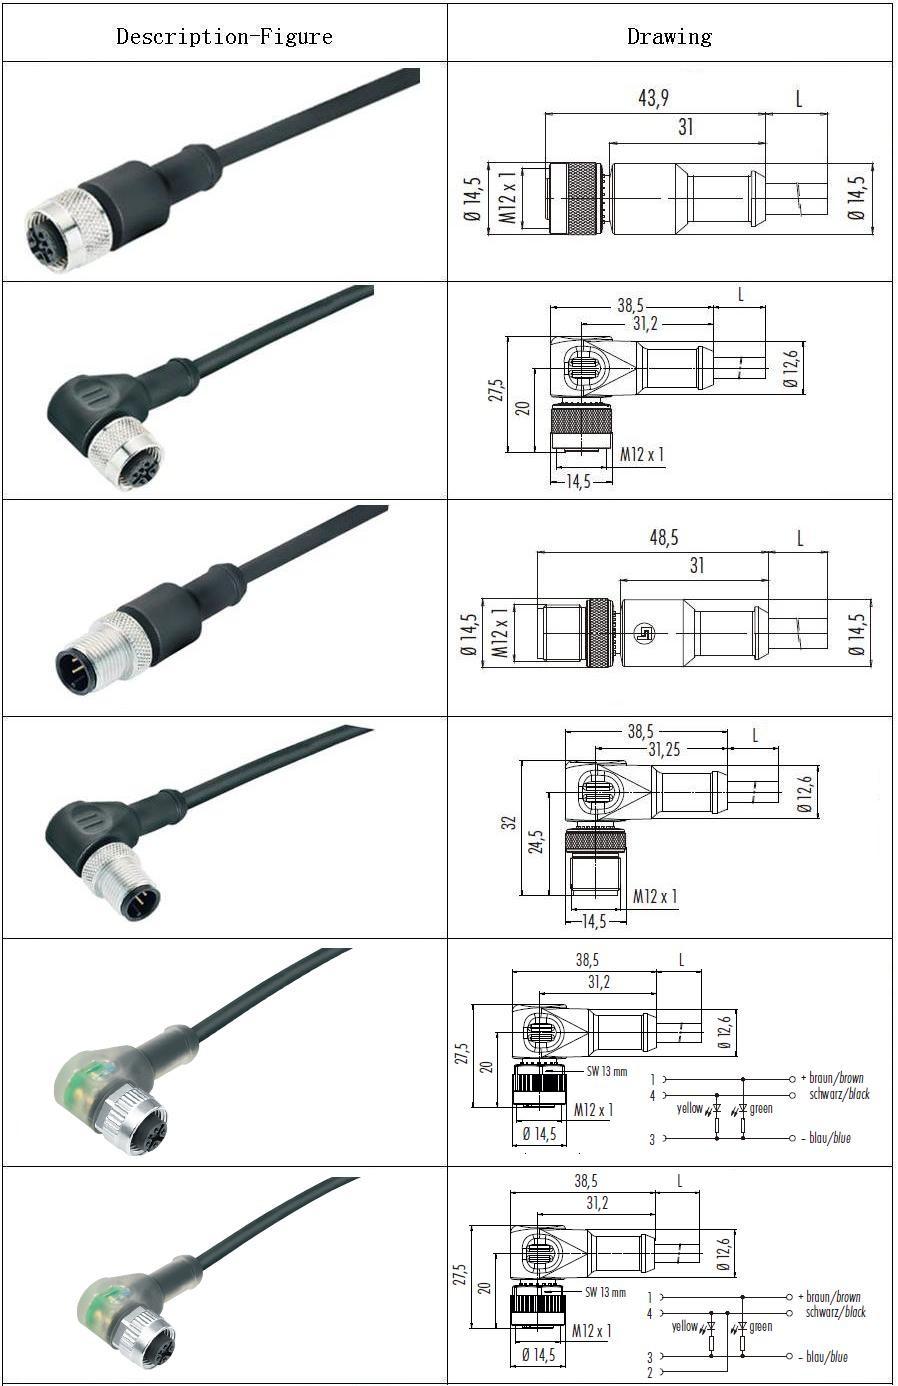 imperm u00e9able  u00e0 l u0026 39 eau pcb montage m12 3 broches connecteur